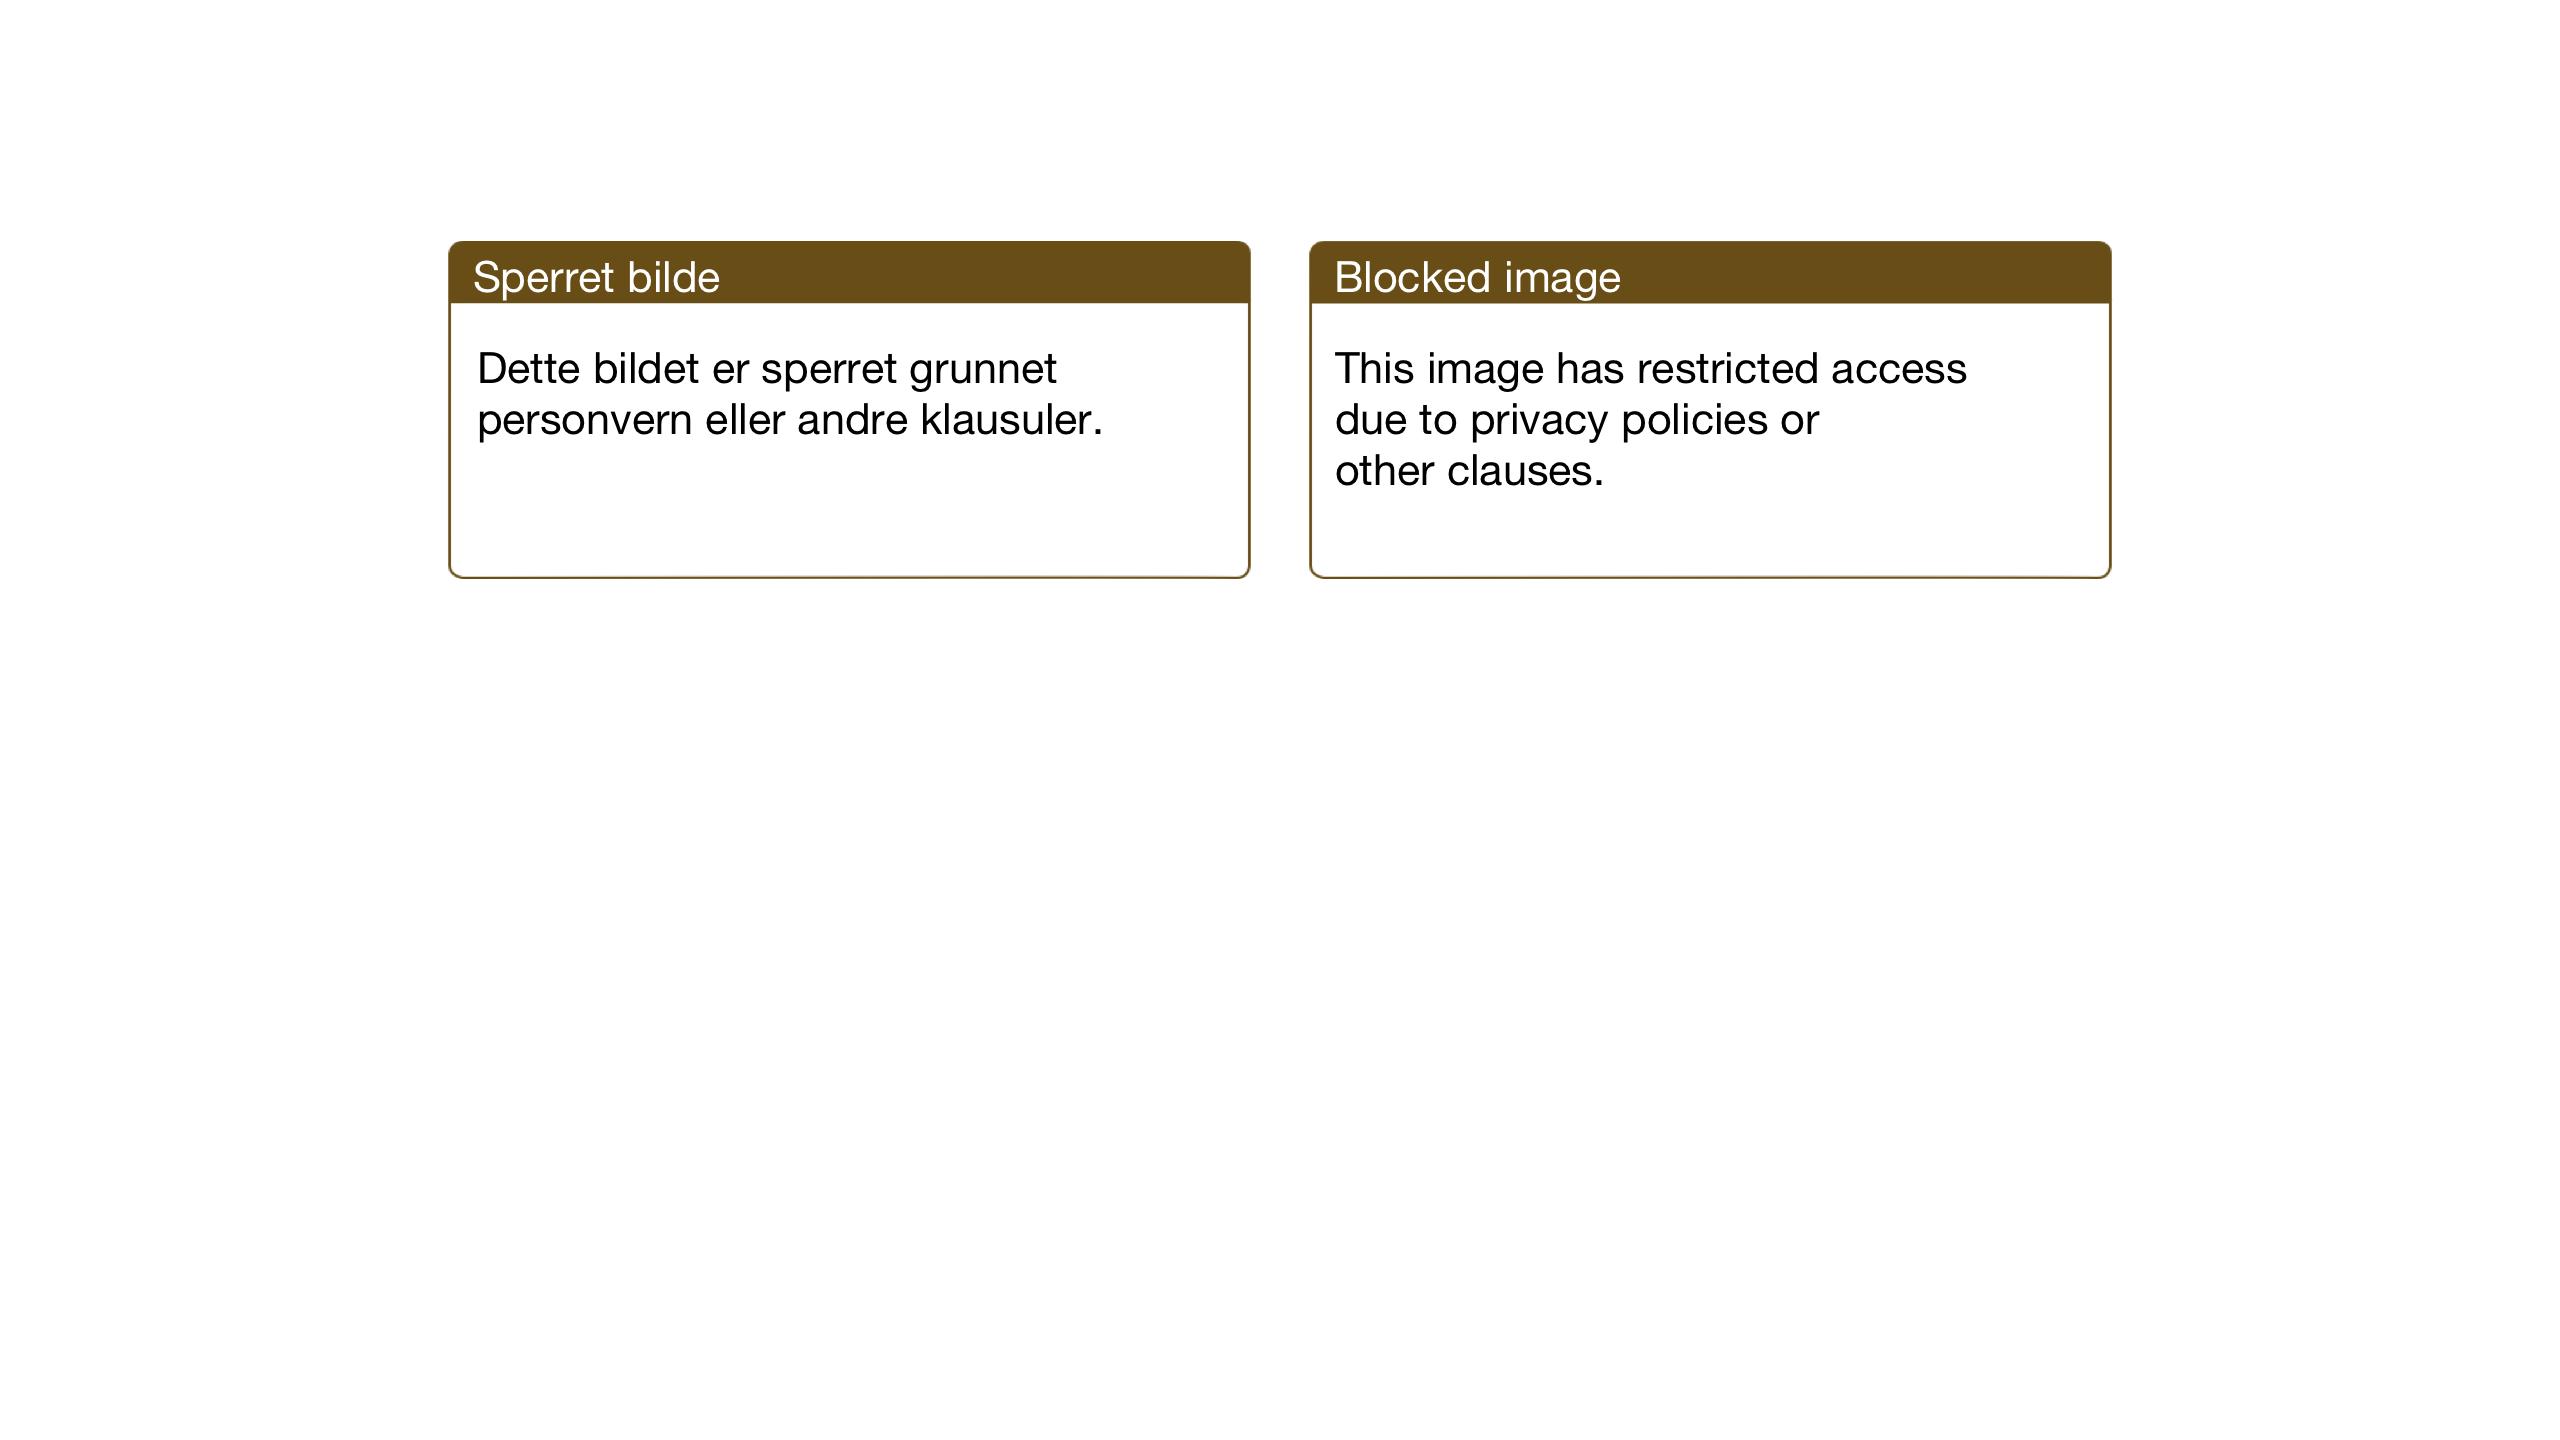 SAT, Ministerialprotokoller, klokkerbøker og fødselsregistre - Sør-Trøndelag, 607/L0327: Klokkerbok nr. 607C01, 1930-1939, s. 57